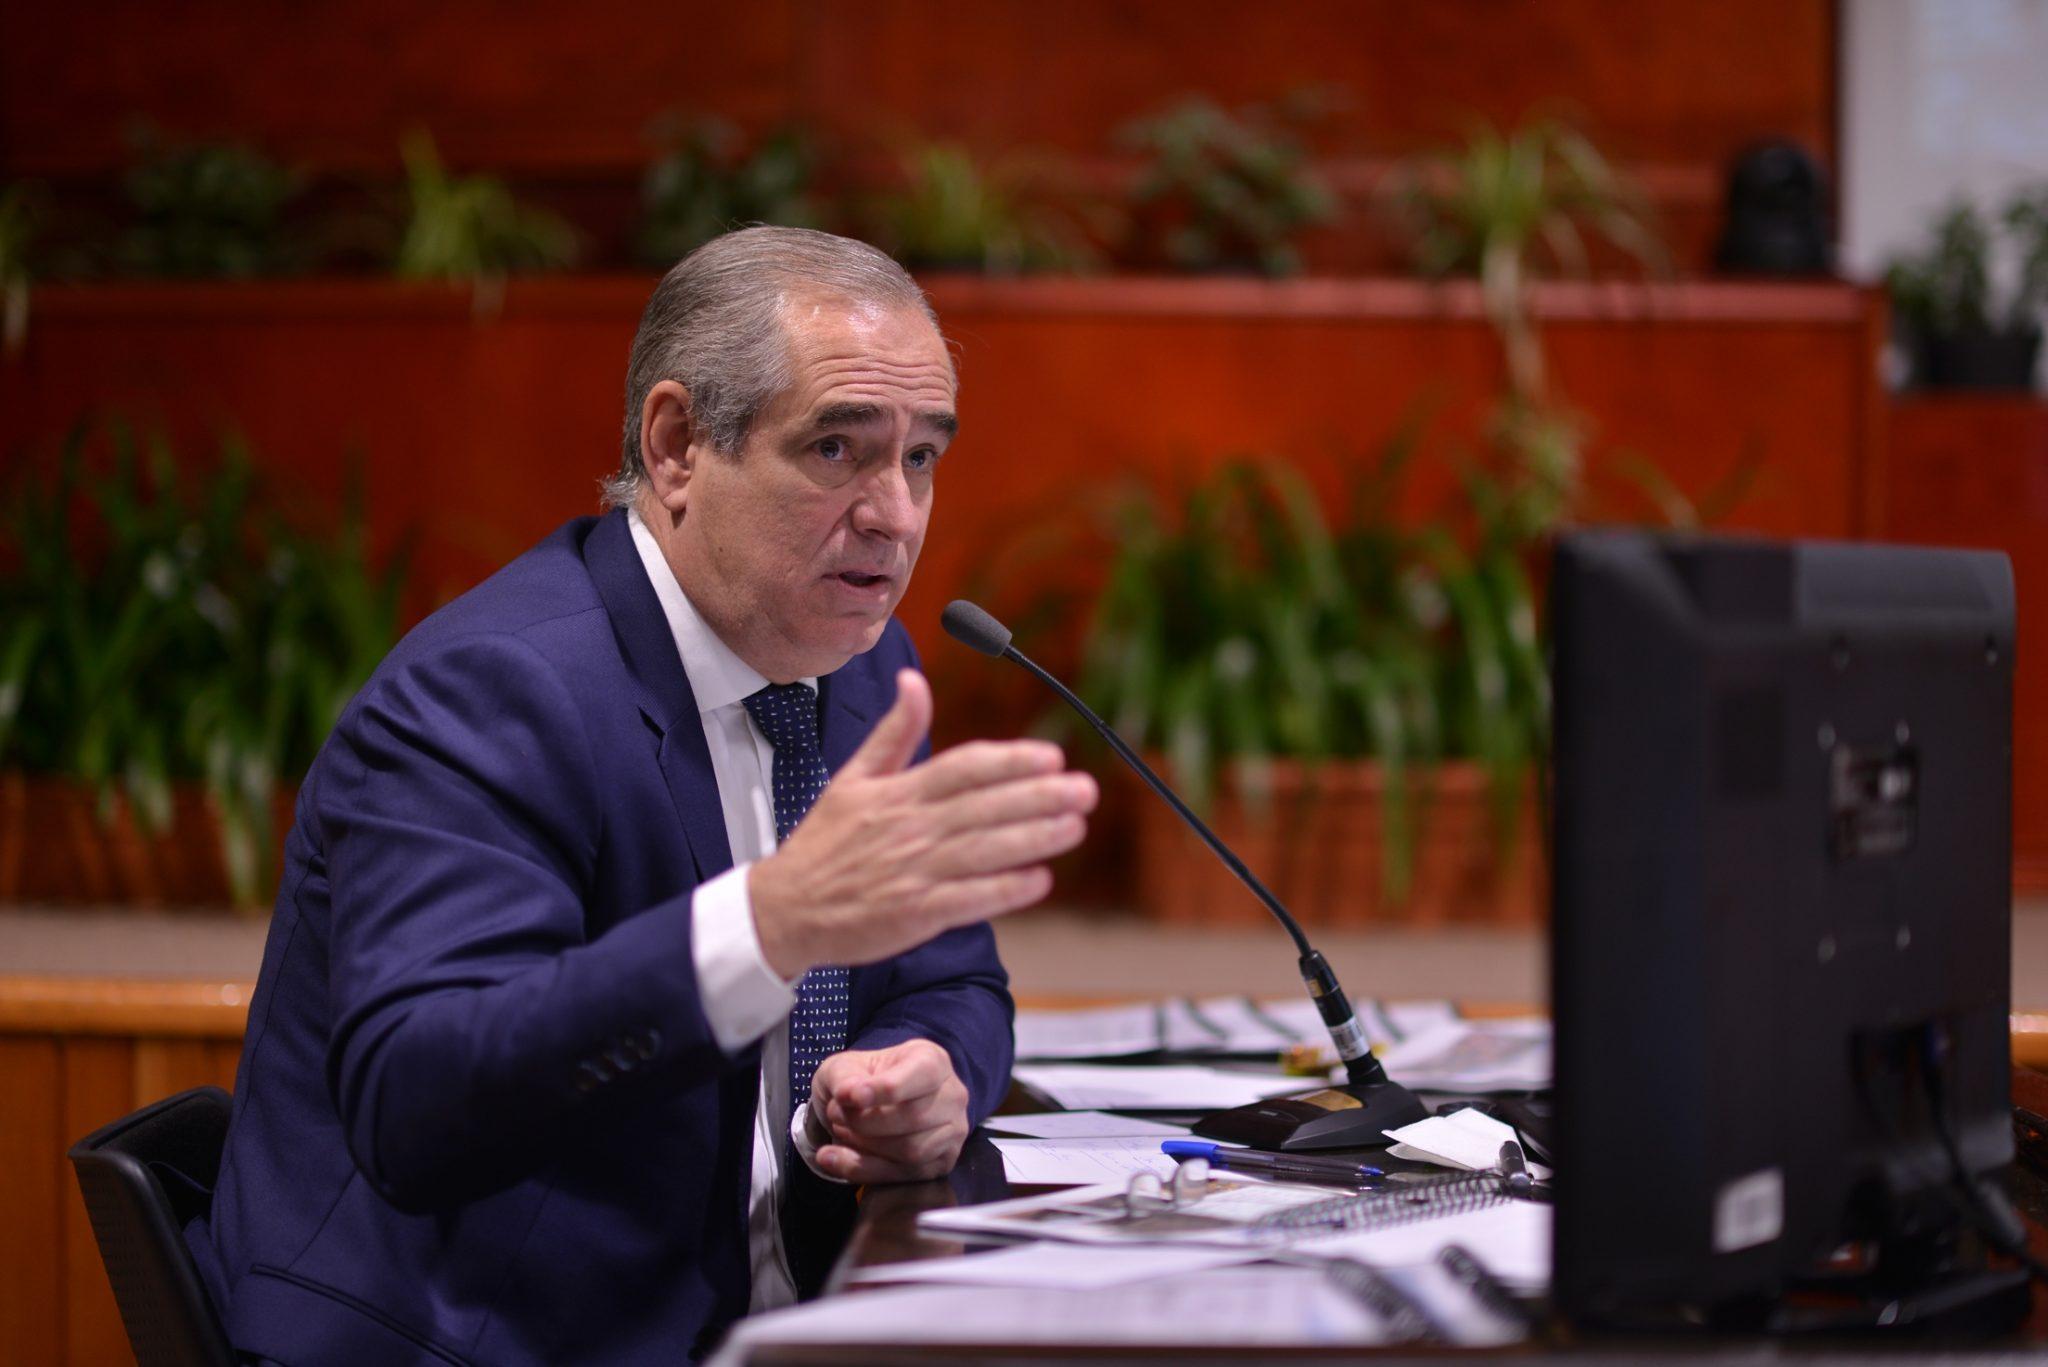 Senador de Veracruz se lanza contra AMLO y desata polémica en redes